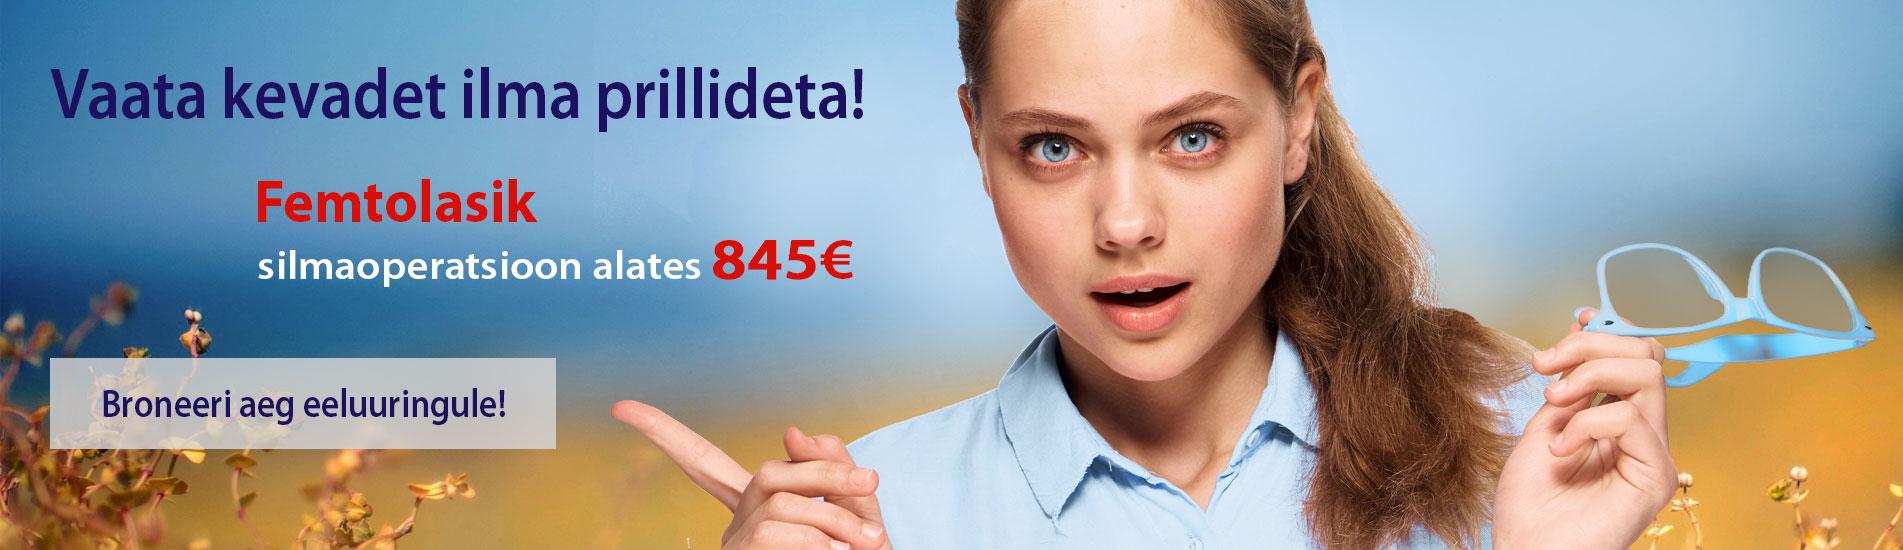 Femtolasik silmaoperatsioon alates 845€